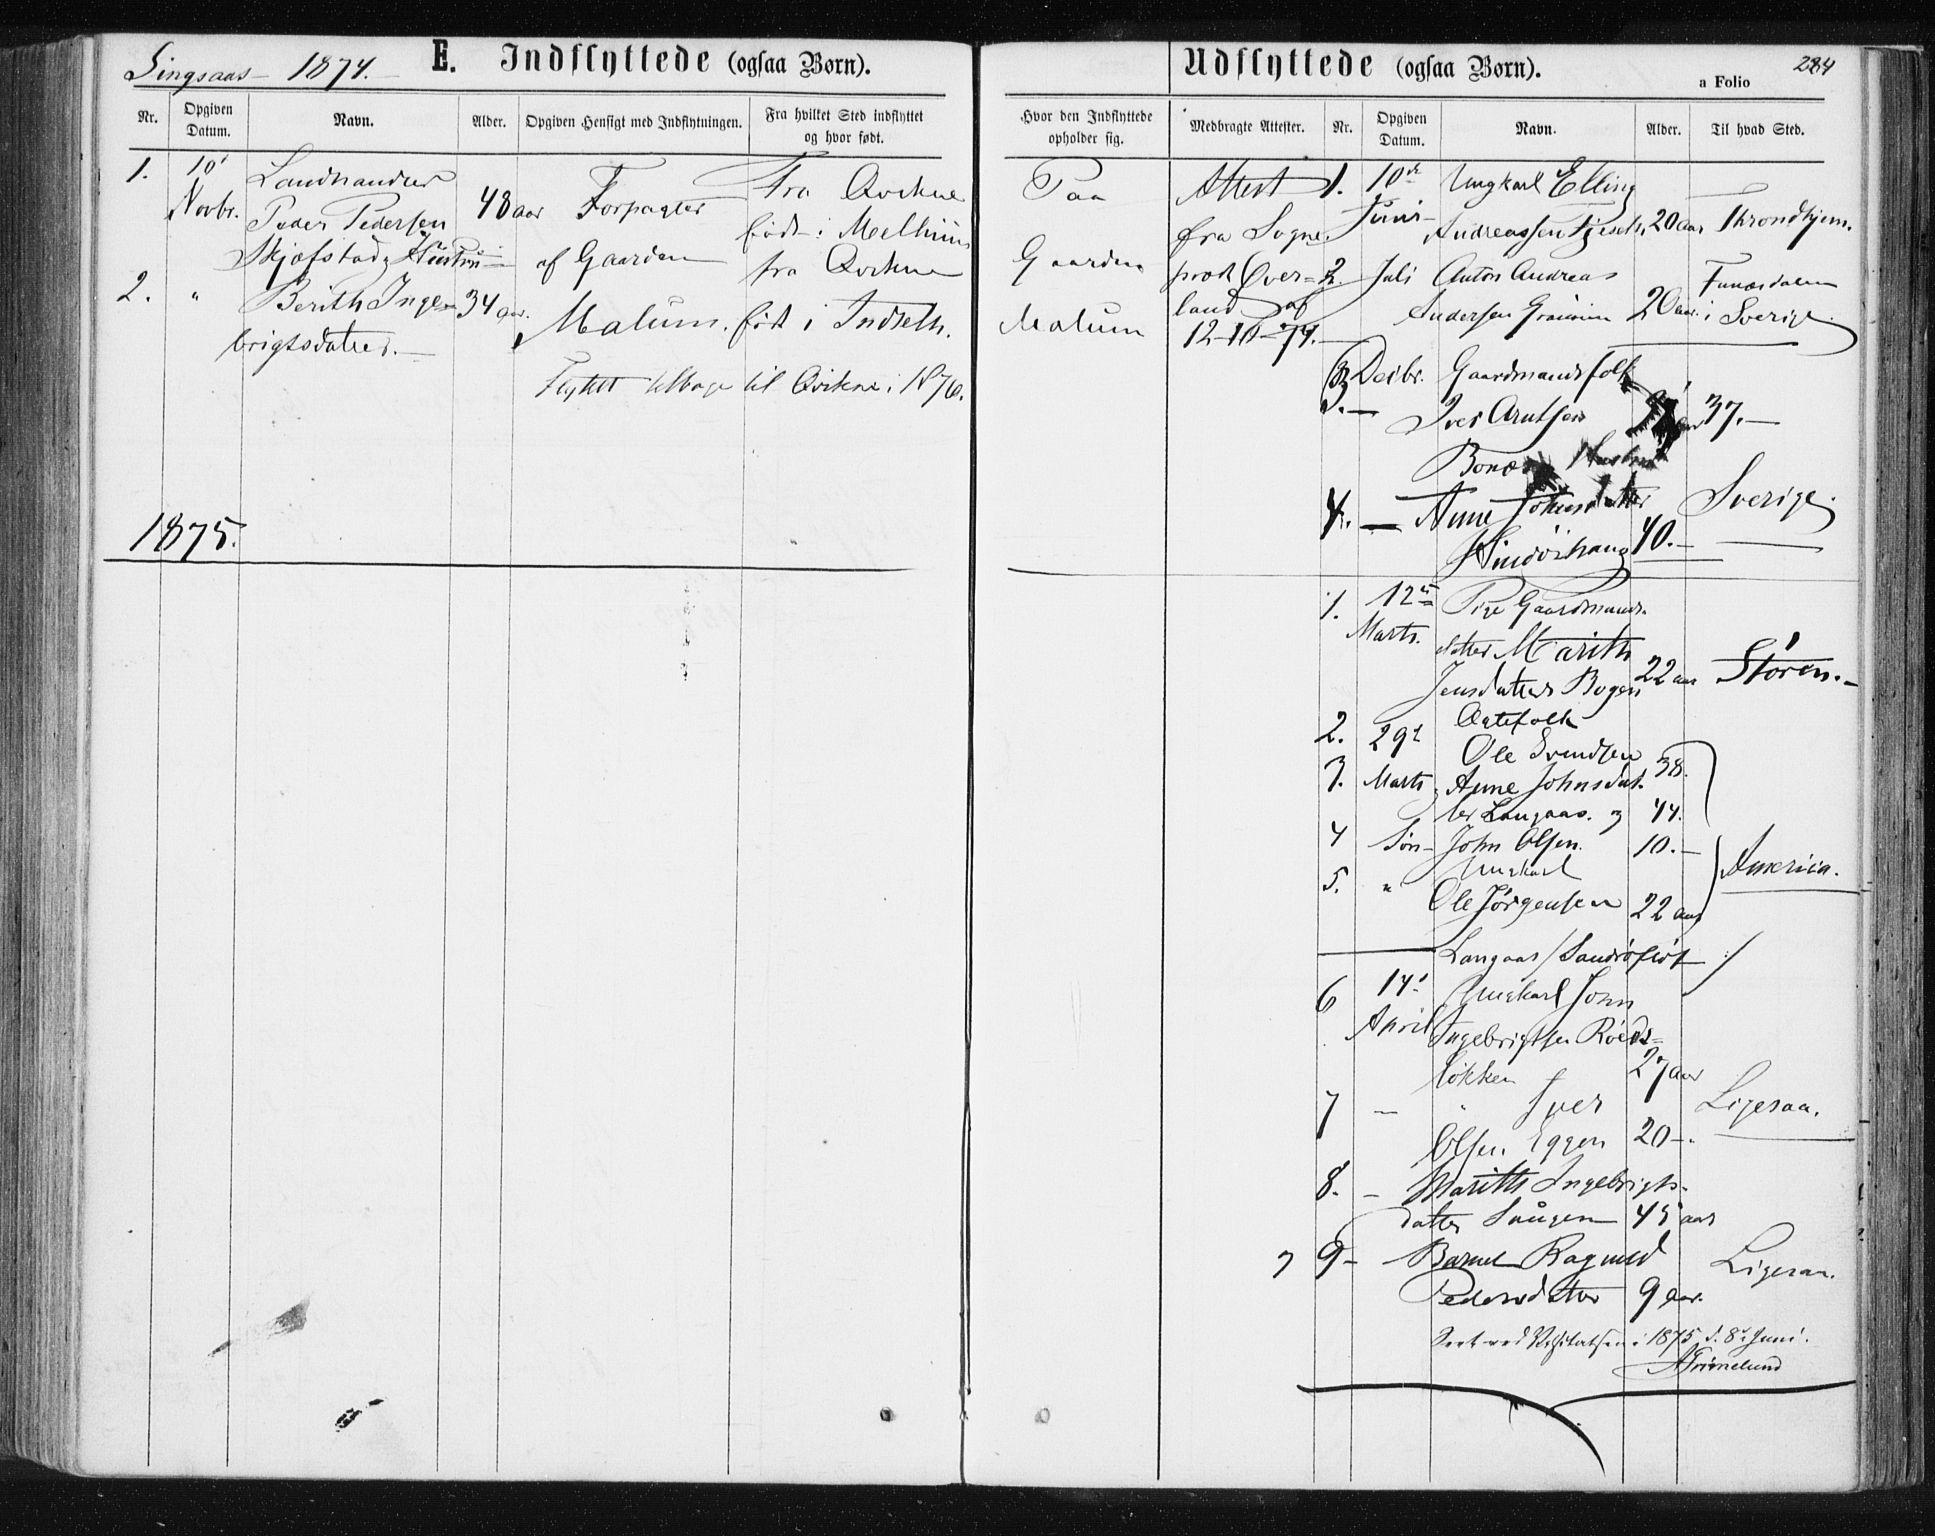 SAT, Ministerialprotokoller, klokkerbøker og fødselsregistre - Sør-Trøndelag, 685/L0970: Ministerialbok nr. 685A08 /2, 1870-1878, s. 284